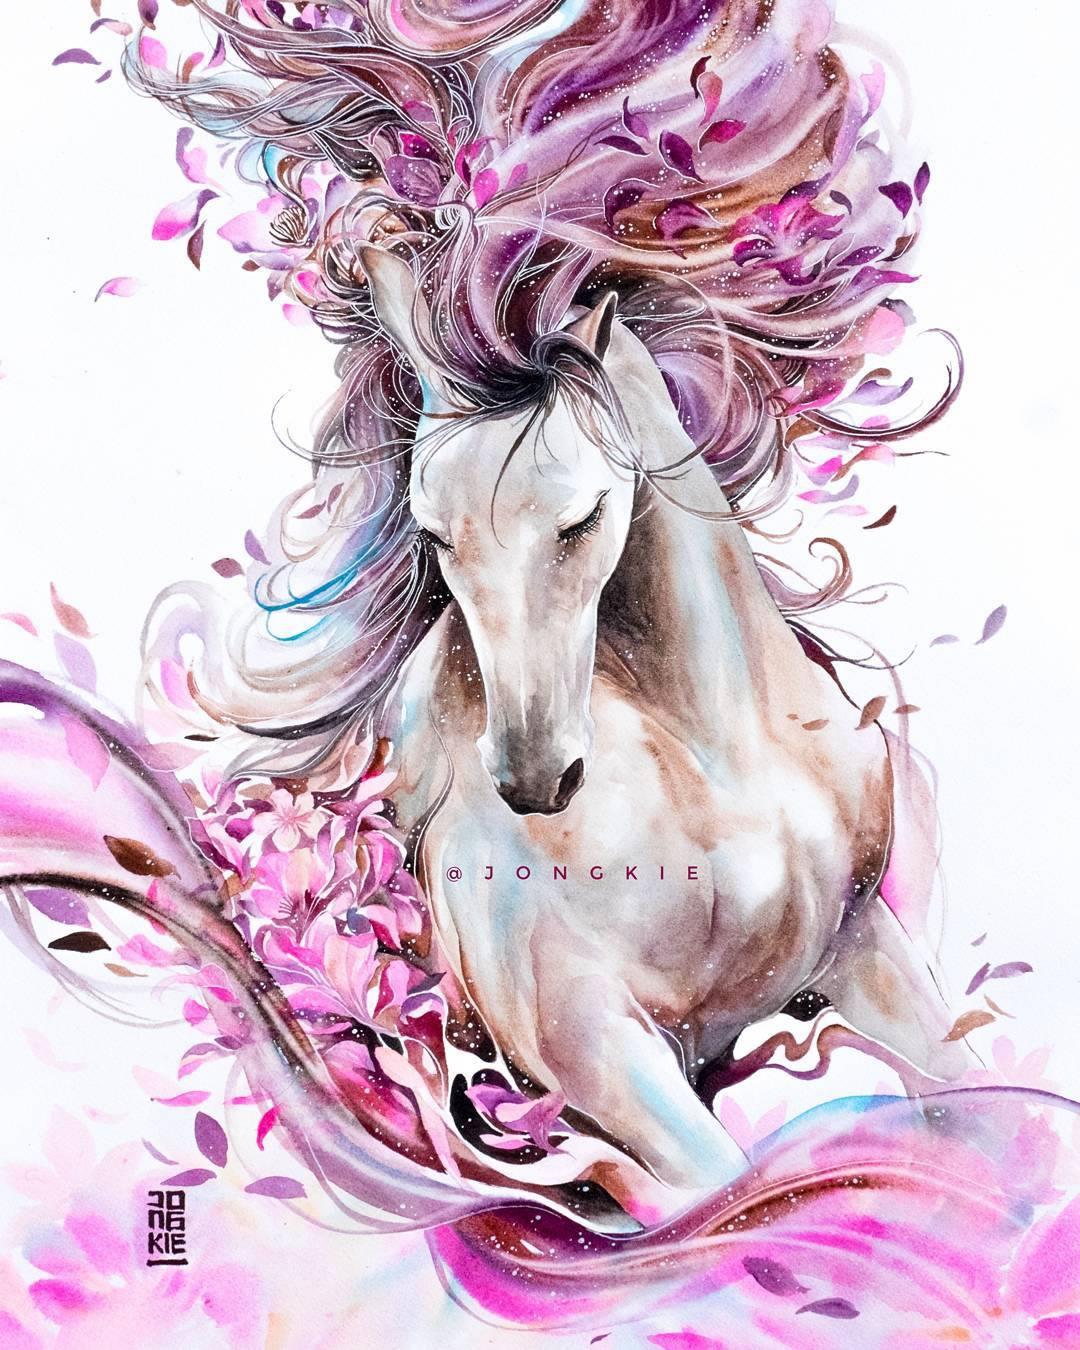 [Aquarelles] Les illustrations d'animaux magnifiquement colorées de Jongkie 8